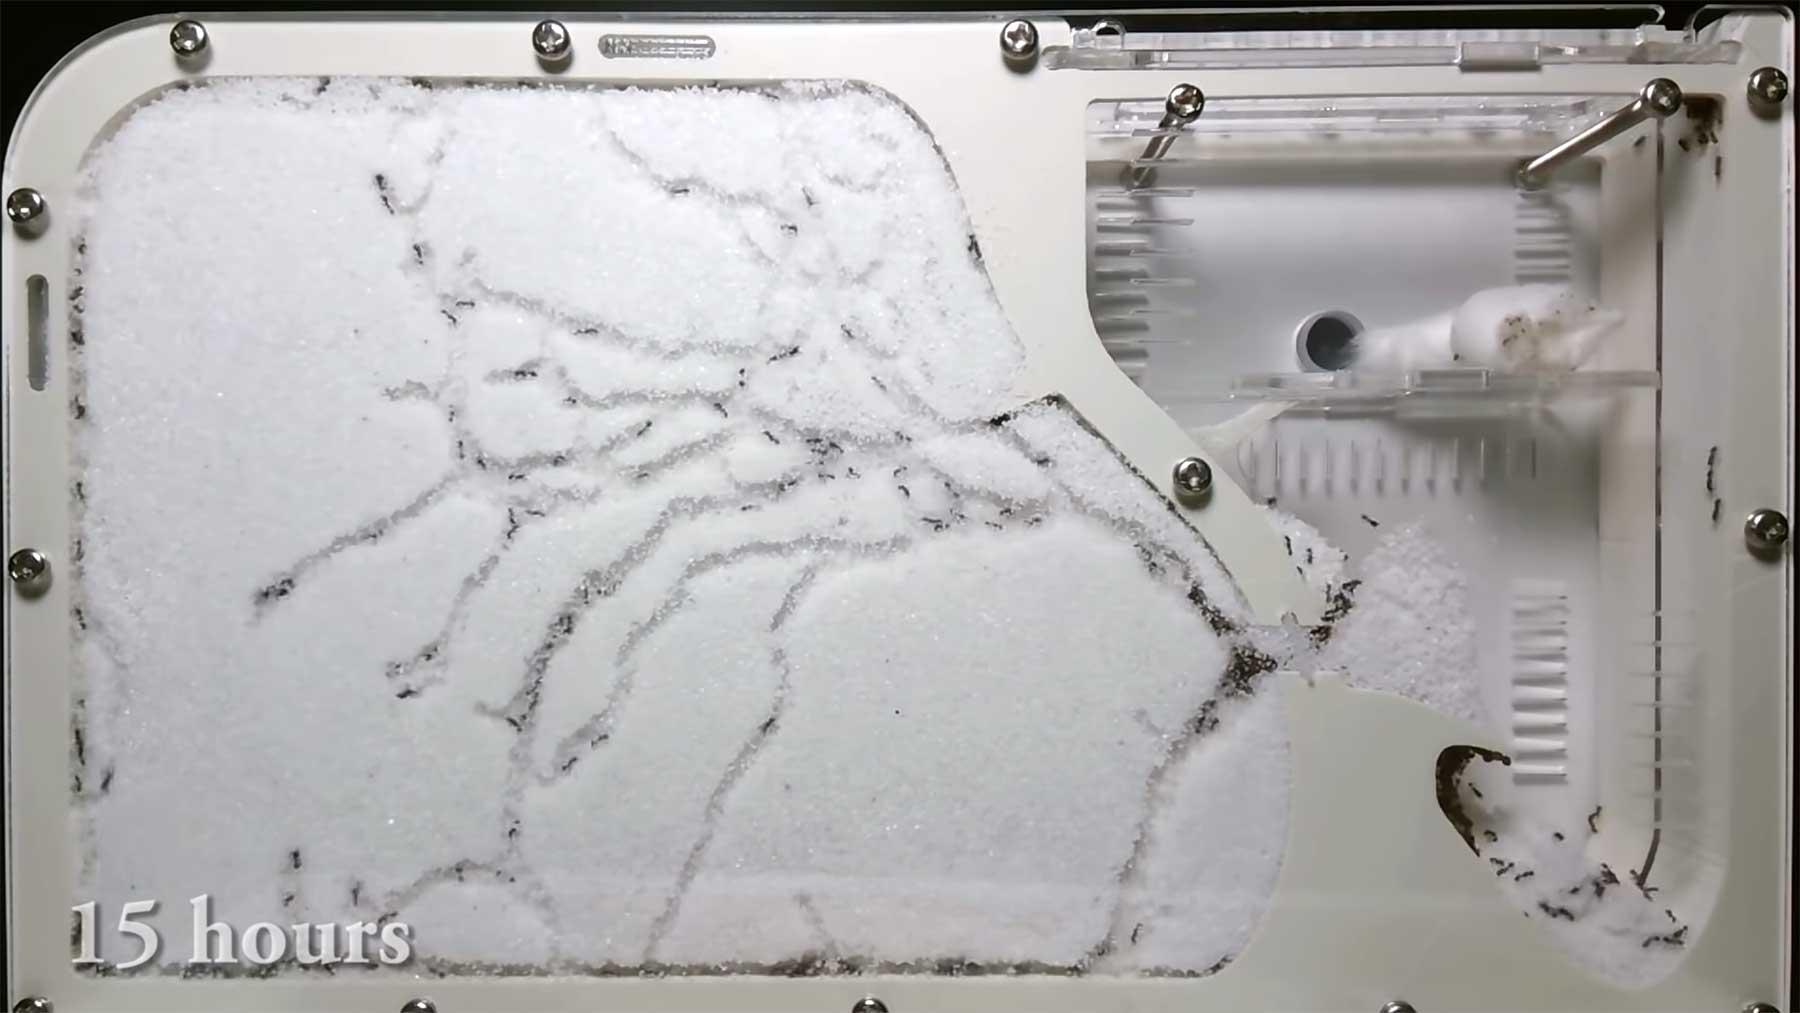 Timelapse: Ameisen bauen sich ein Netzwerk im Sand